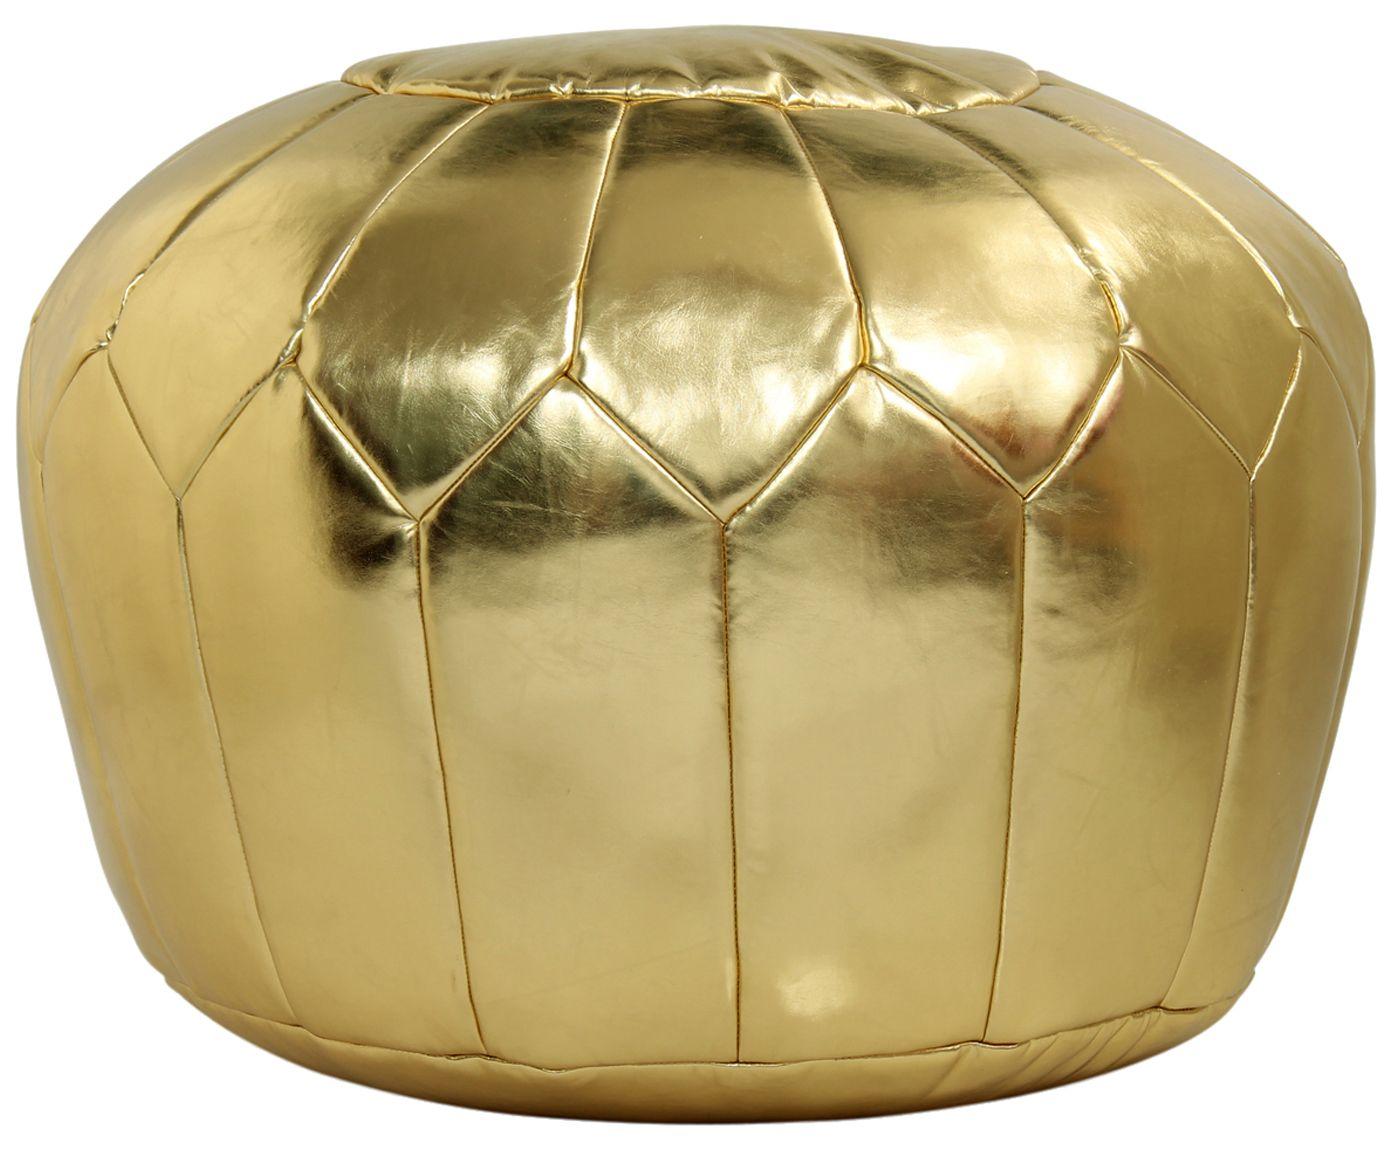 Nice Edles Schmuckst ck Lockern Sie Ihren Wohnbereich mit komfortablen und stylischen Sitzgelegenheiten wie dem goldfarbenen Pouf